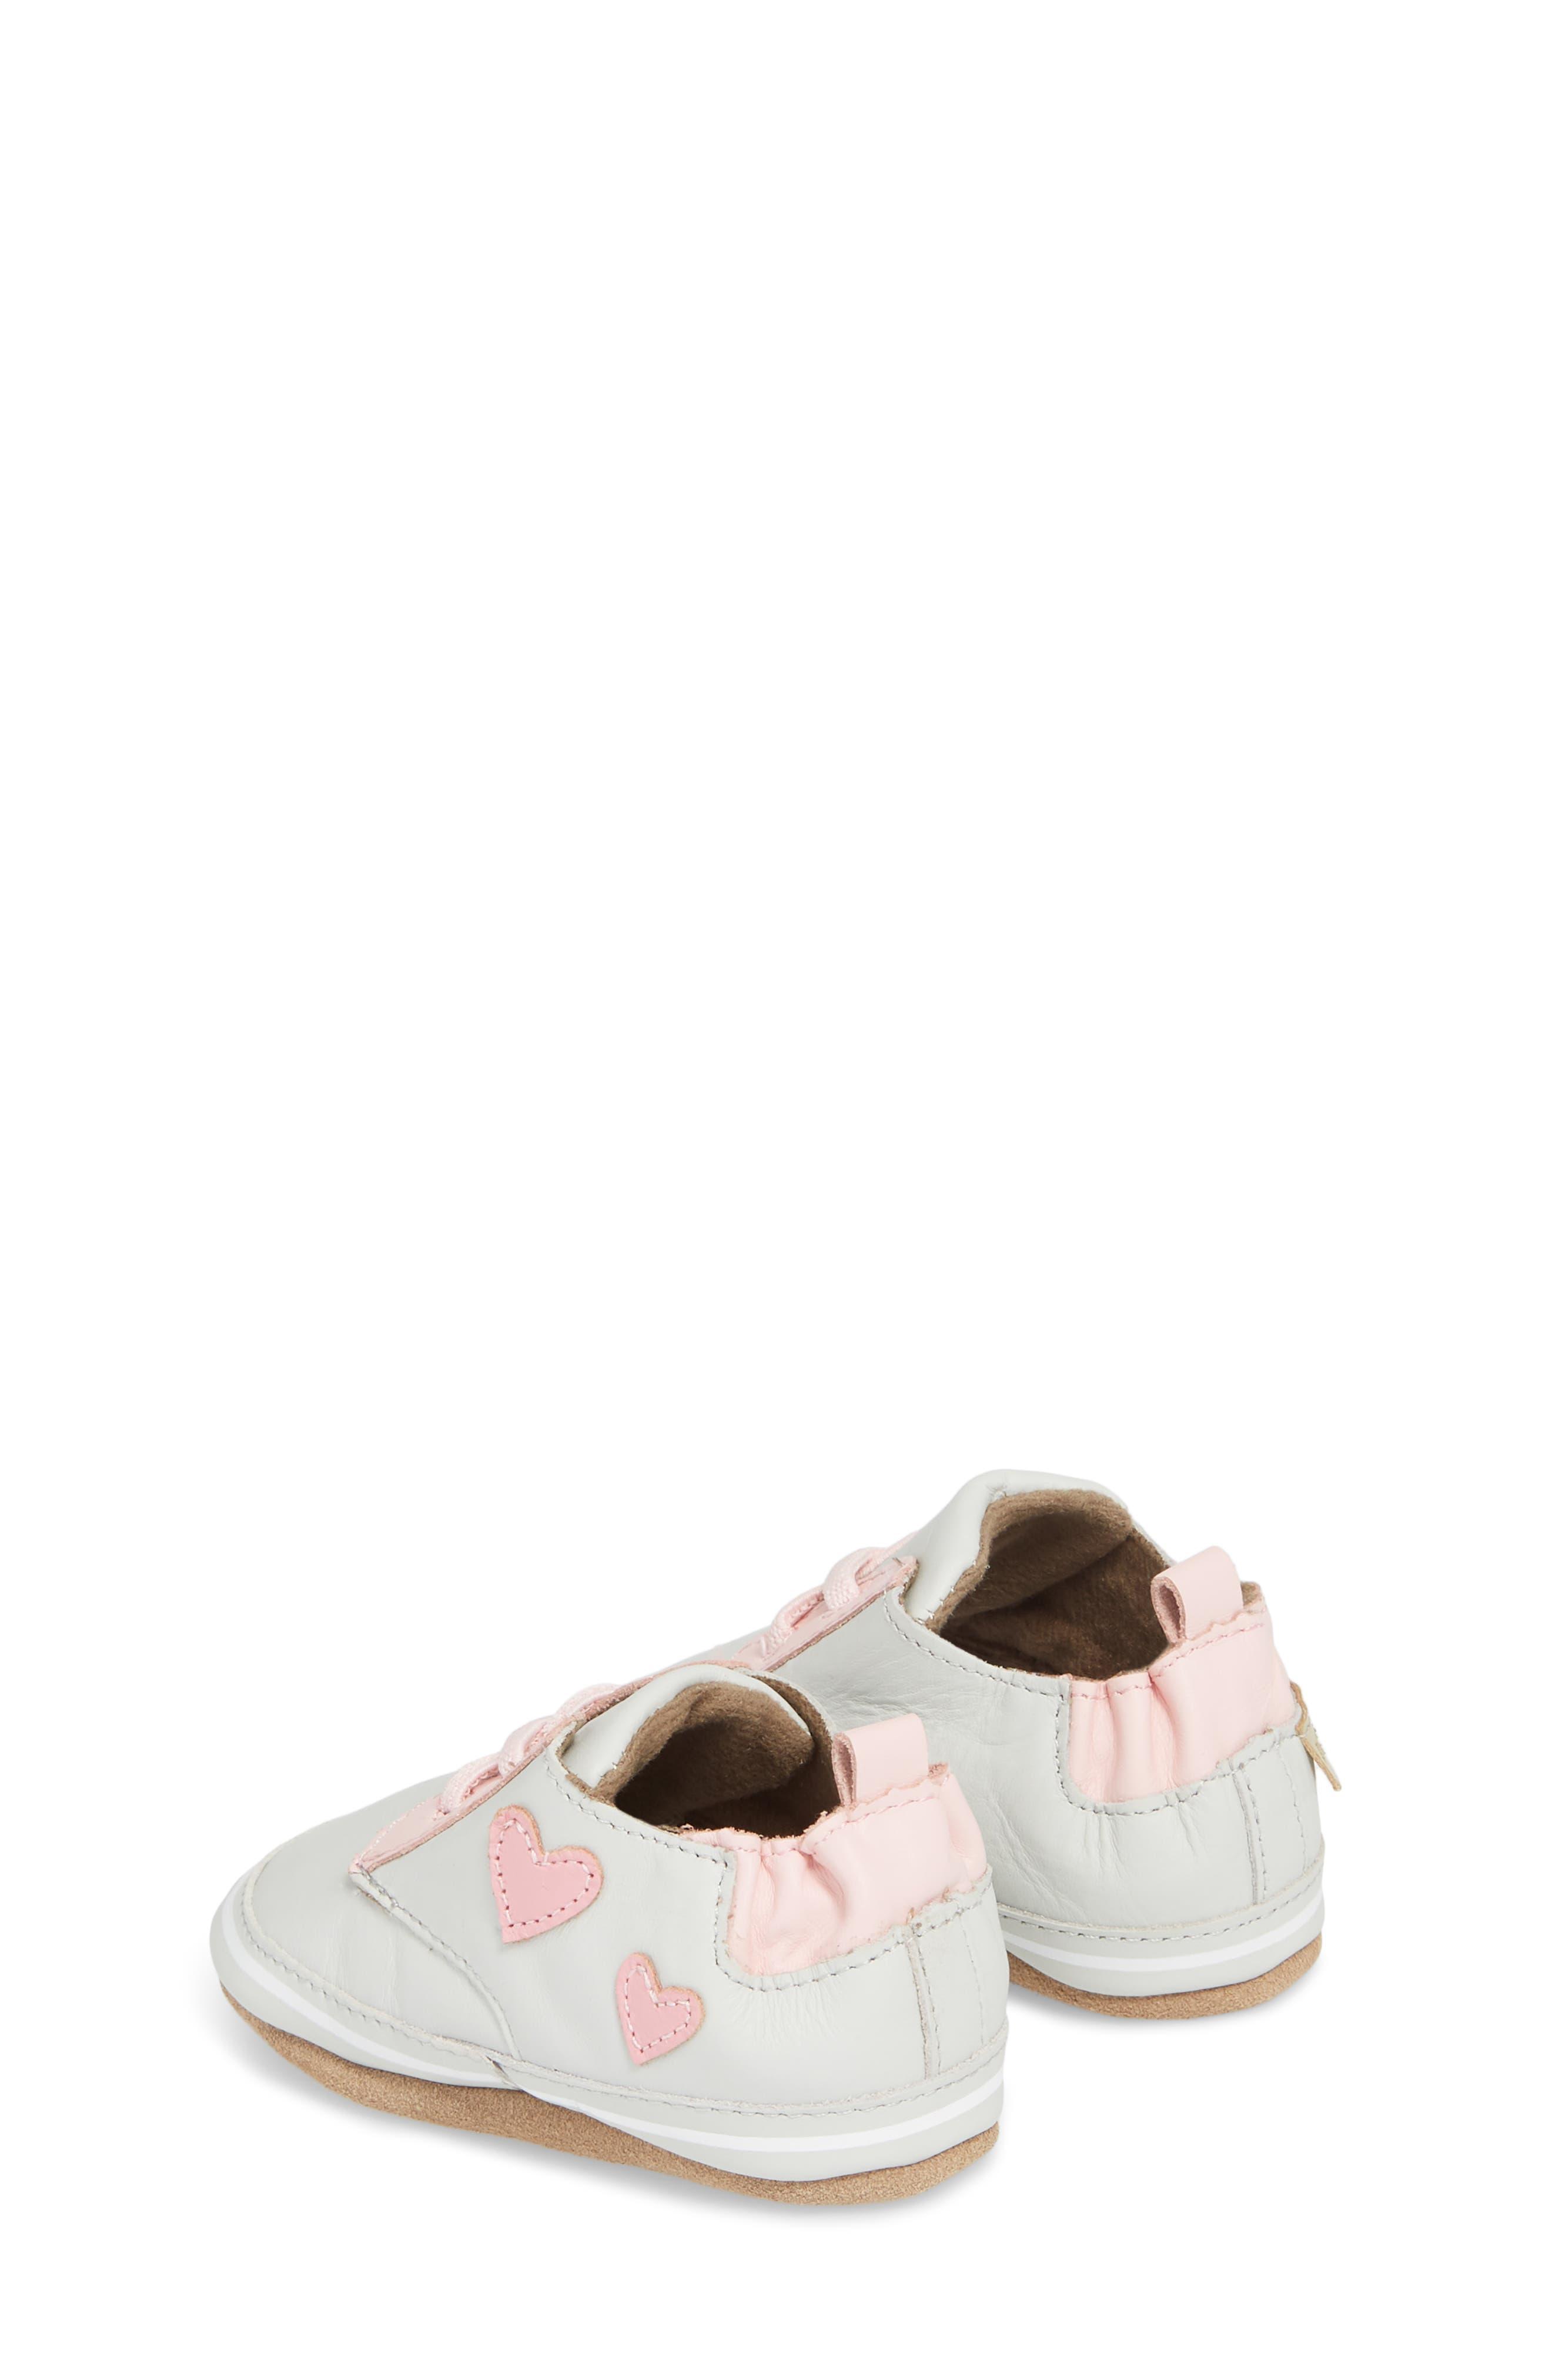 Heartbreaker Slip-On Crib Sneaker,                             Alternate thumbnail 2, color,                             Light Grey